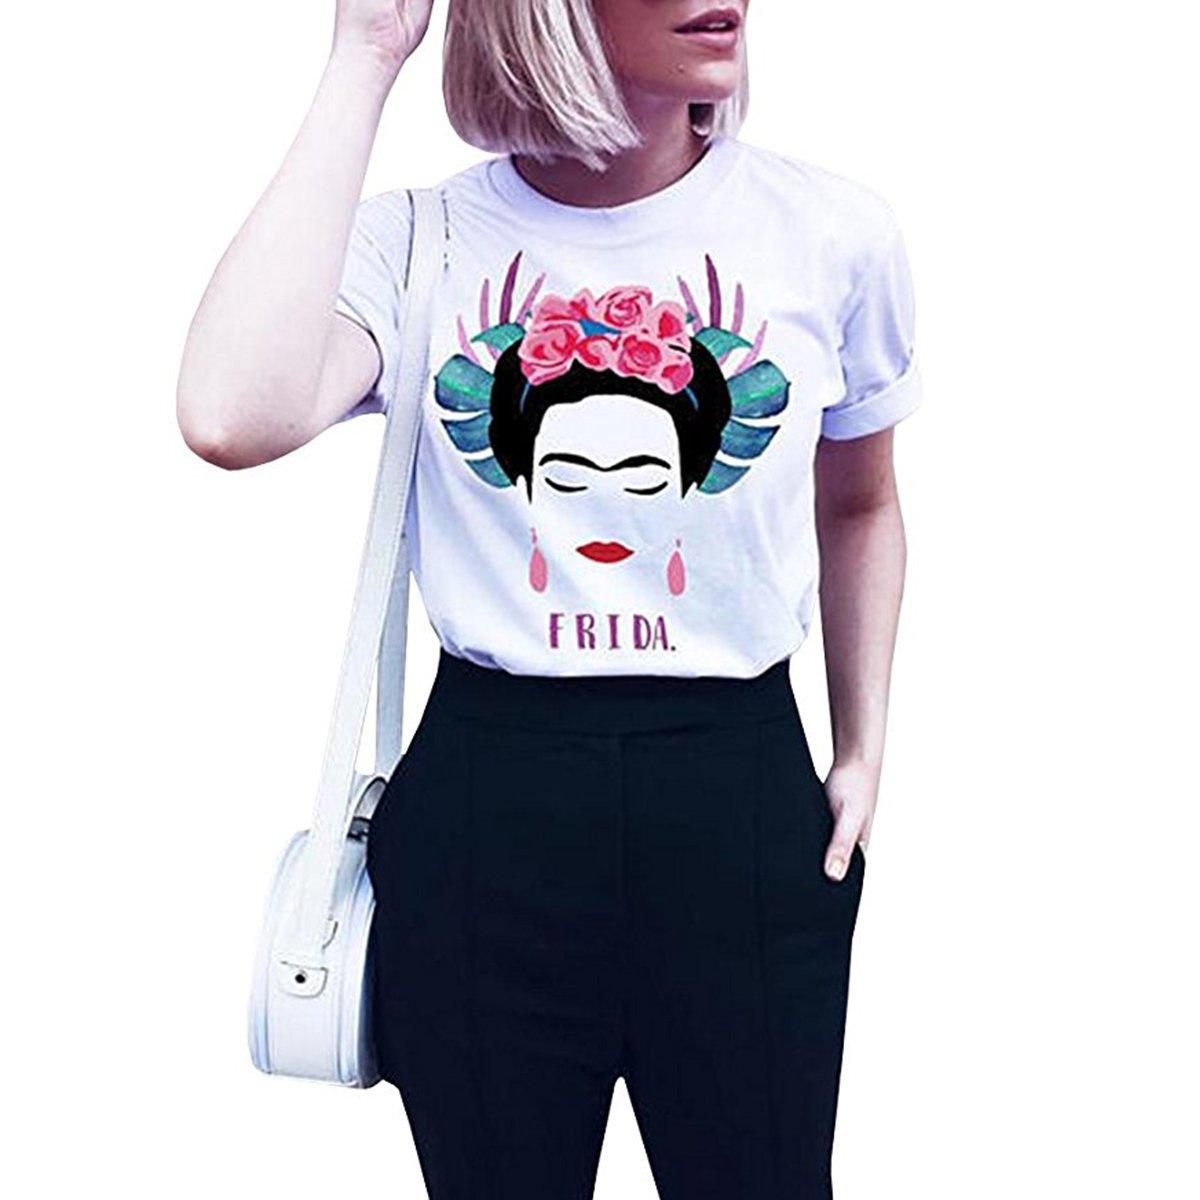 Wefchogvr T-Shirt Estiva a Manica Corta Personalizzata da Donna Frida Kahlo